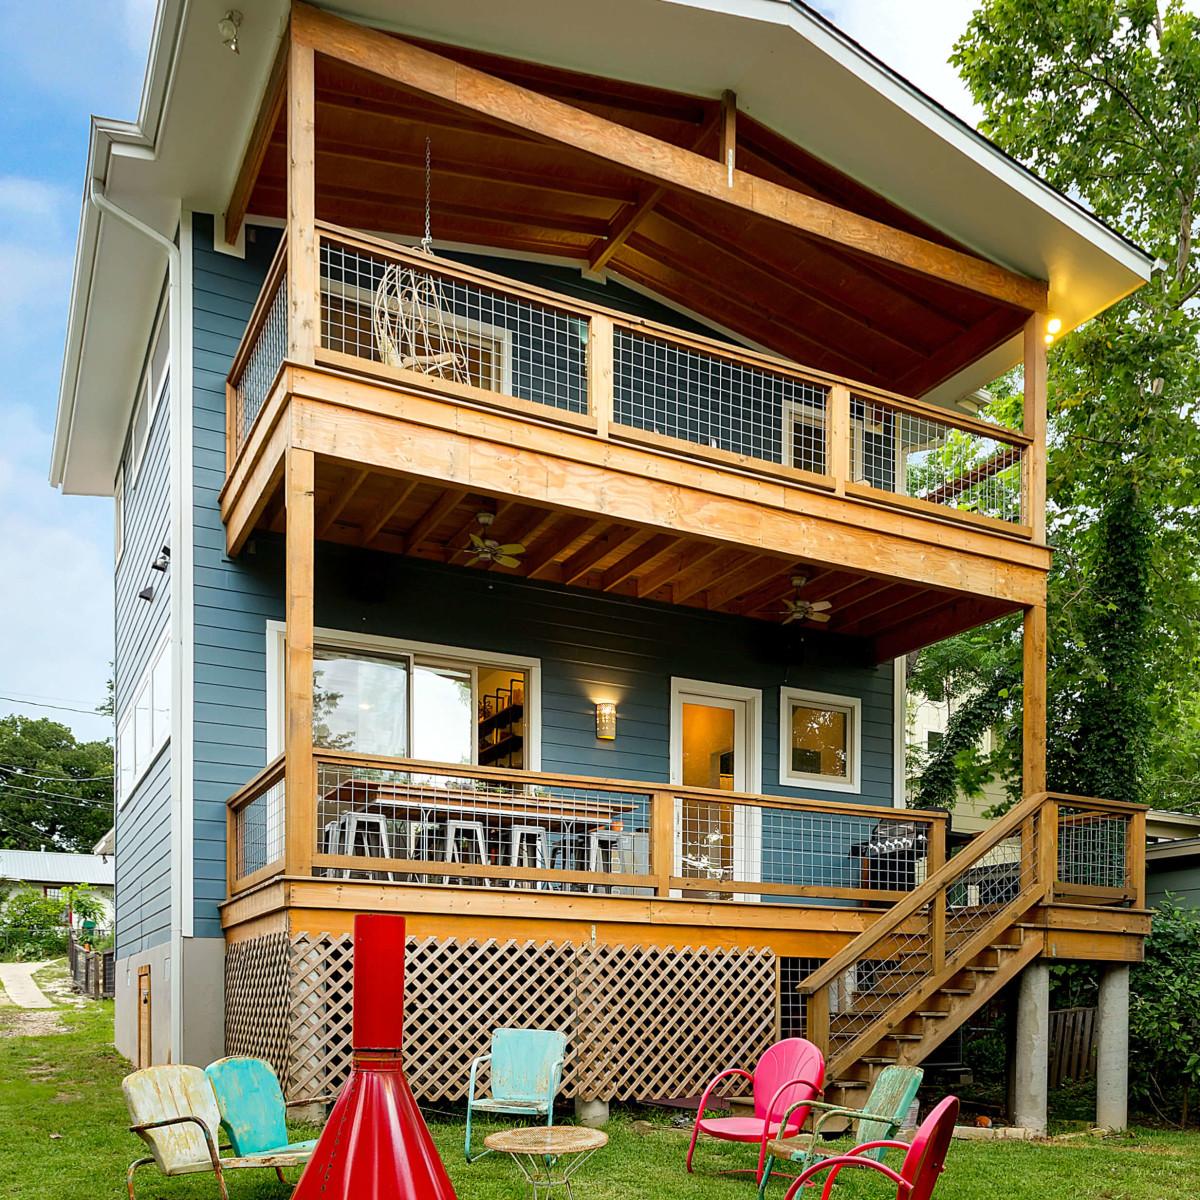 East Austin house home 1131 Poquito Street 78702 exterior backyard patio